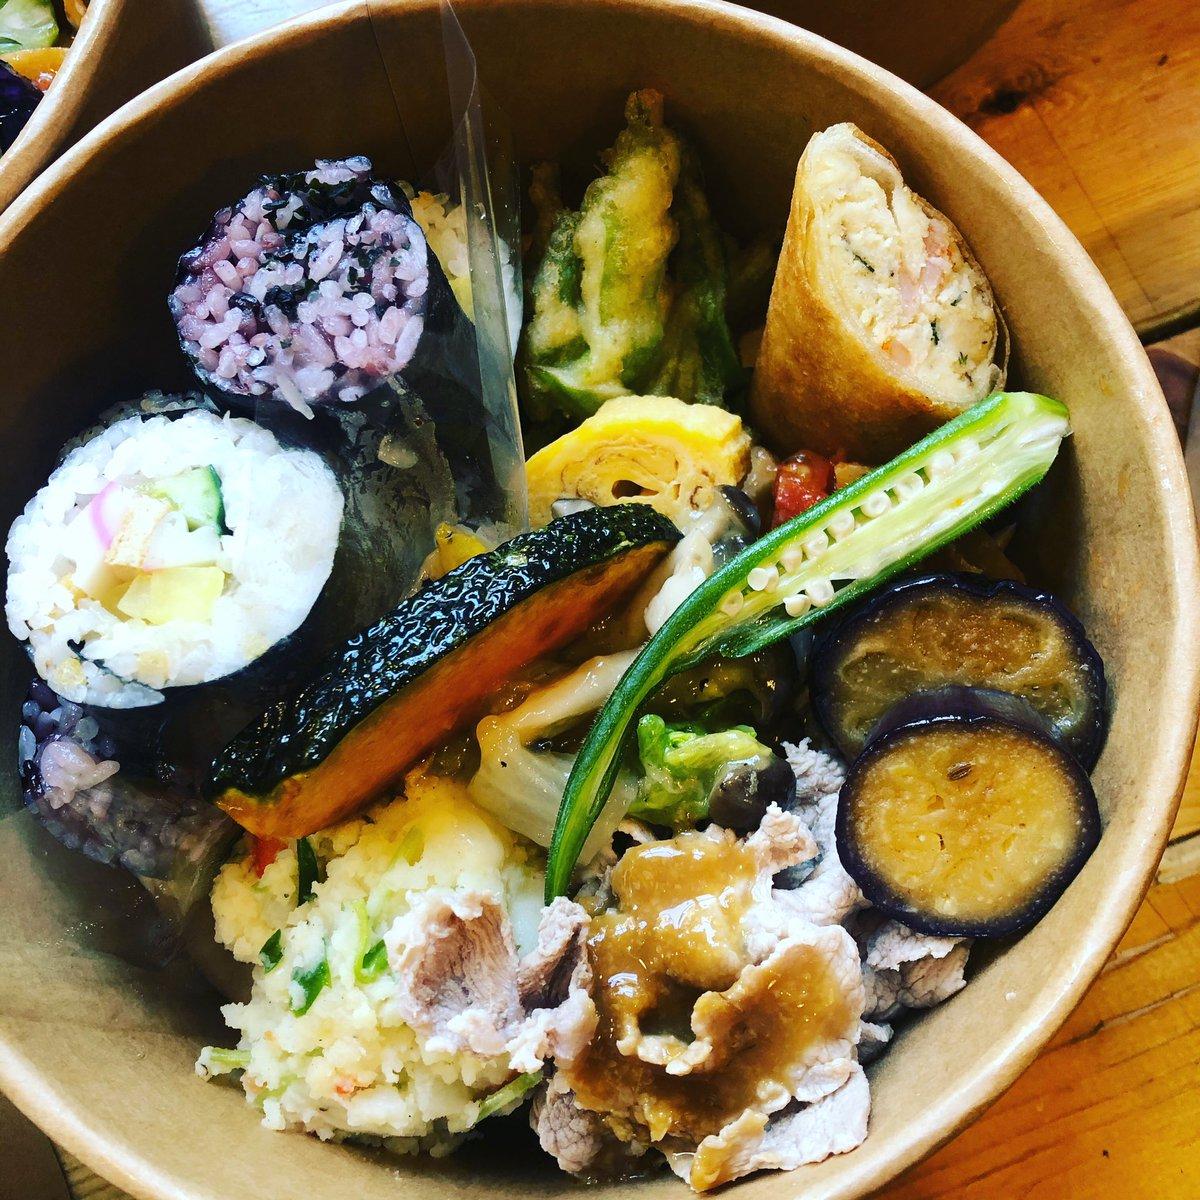 ご飯を海苔巻きにしておかずも沢山食べたい のオーダー  #bento #お弁当 #オベントウ #ケータリング #ロケ弁 #スタジオ弁当pic.twitter.com/Rdy9bKKy1q